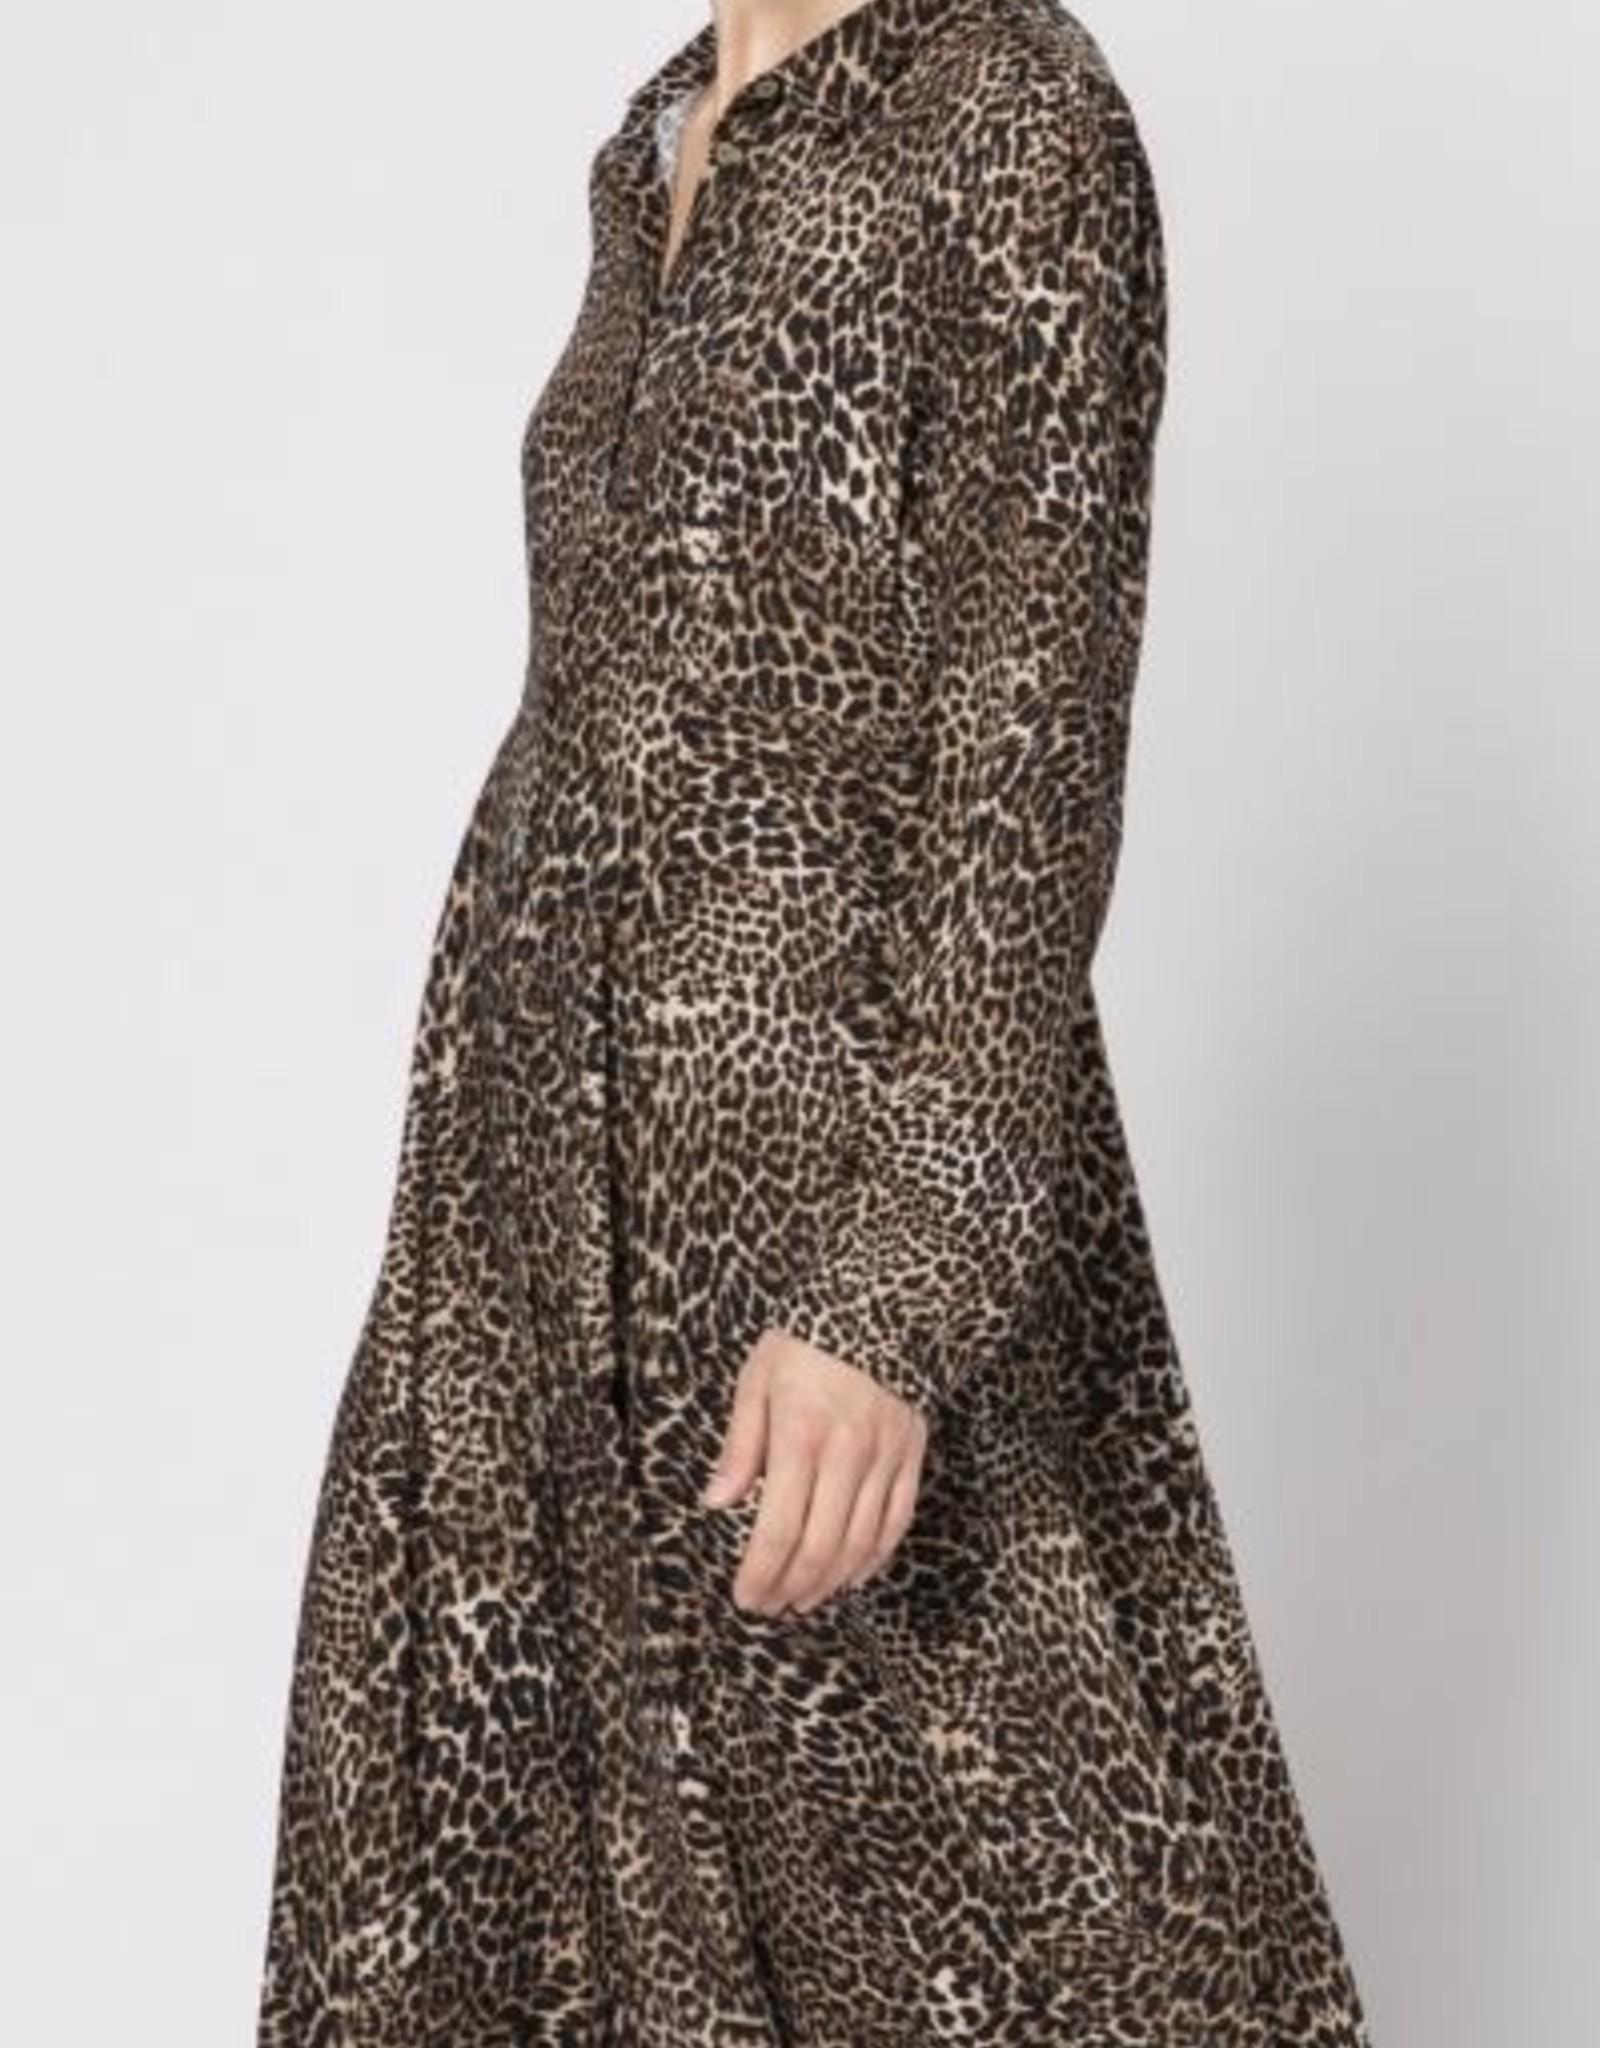 JcSophie Felice Dress